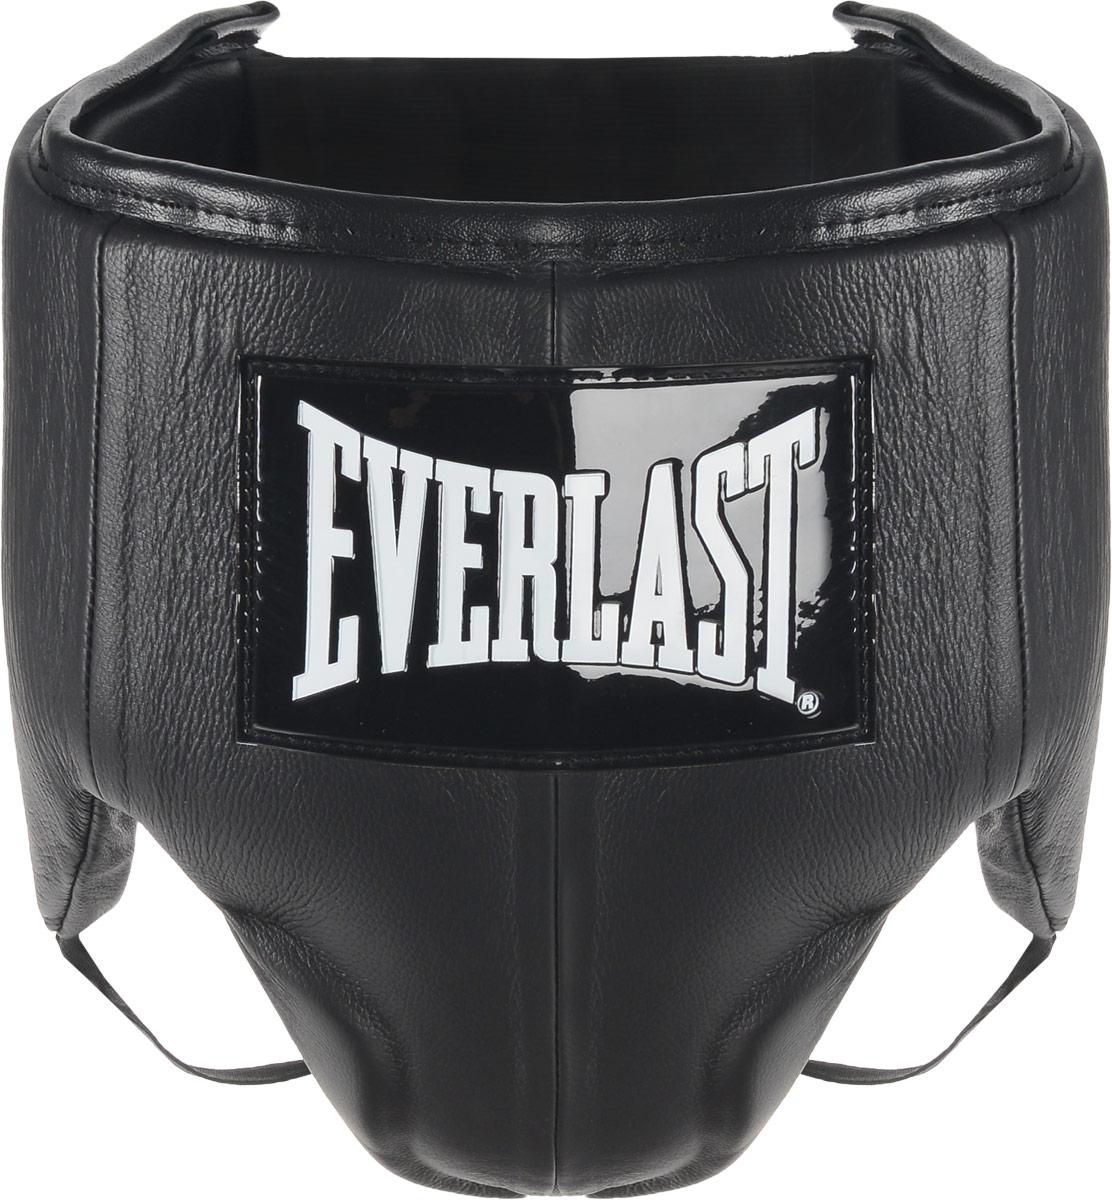 Защита паха мужская Everlast Velcro Top Pro, цвет: черный, белый. Размер M440201UEverlast Velcro Top Pro это удобный обтягивающий бандаж, идеально подходящий как для тренировочных спаррингов, так и для боя на ринге. Бандаж изготовлен из высококачественной натуральной кожи, а подкладка набита пенным наполнителем высокой плотности, благодаря чему достигается превосходная амортизация ударов. Усовершенствованный облегченный дизайн обеспечивает максимальную подвижность и комфорт, в то же время гарантируя безопасность и полную защиту паха и тазовой области. Удобные застежки на липучке позволят подогнать защиту под ваш размер и плотно зафиксировать ее на теле. Максимальный обхват: 103 см.Минимальный обхват: 93 см.